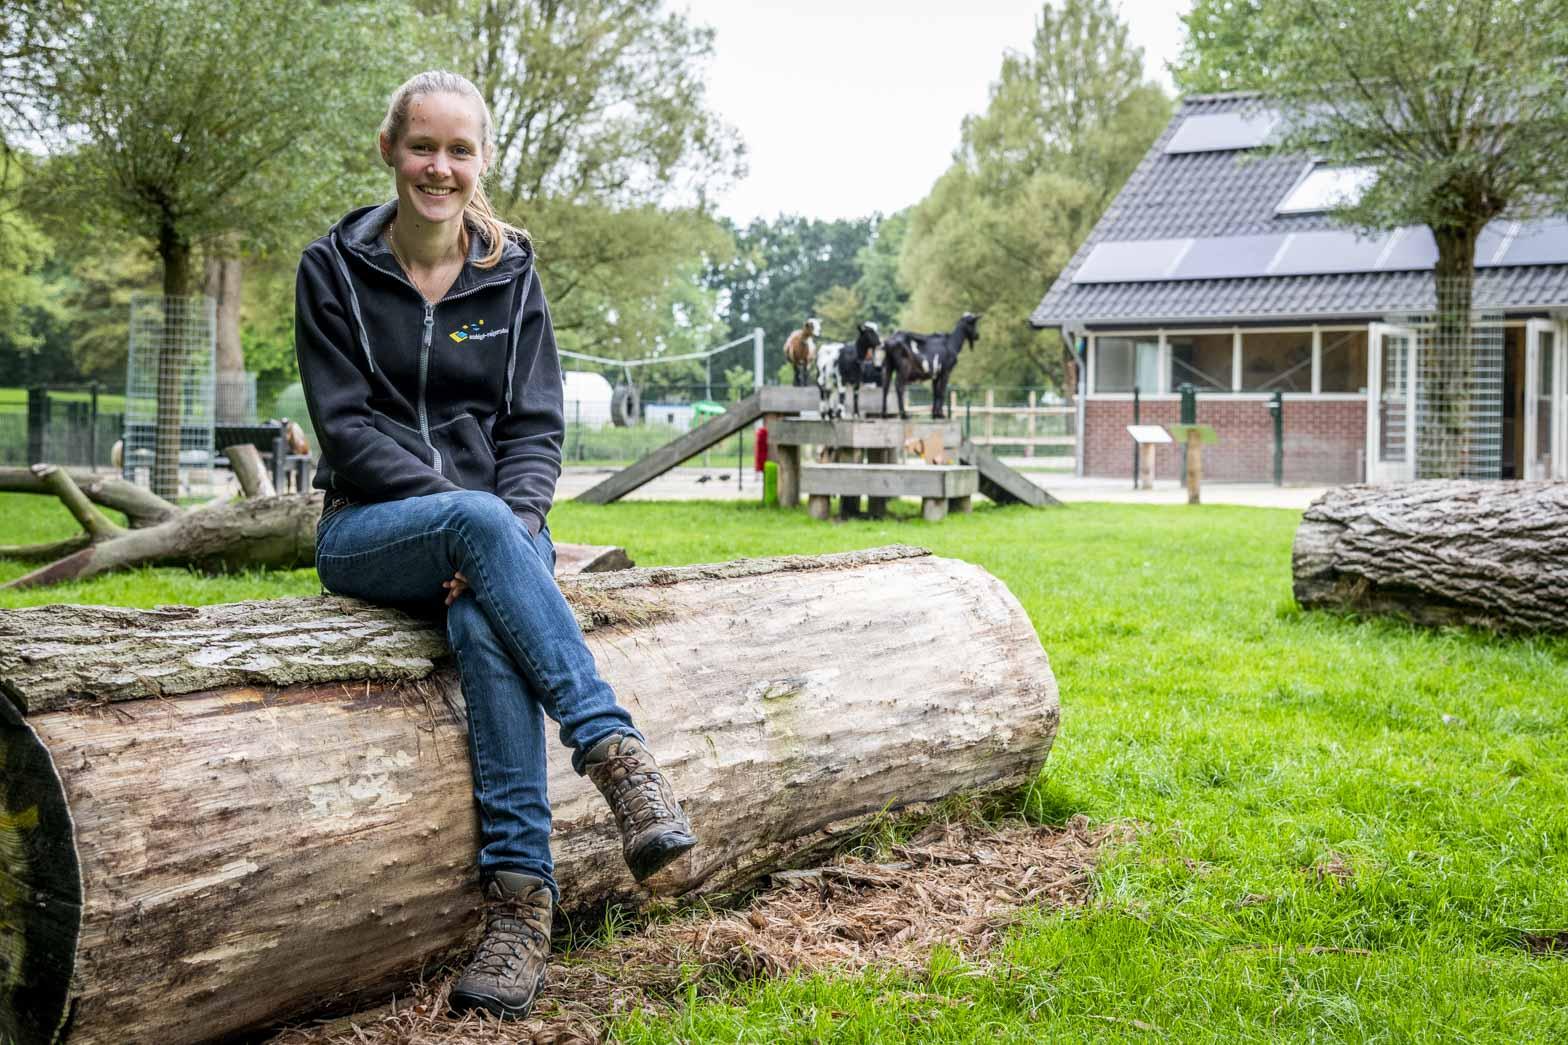 Beheerder kinderboederijen en hertenkamp – Groen & Doen